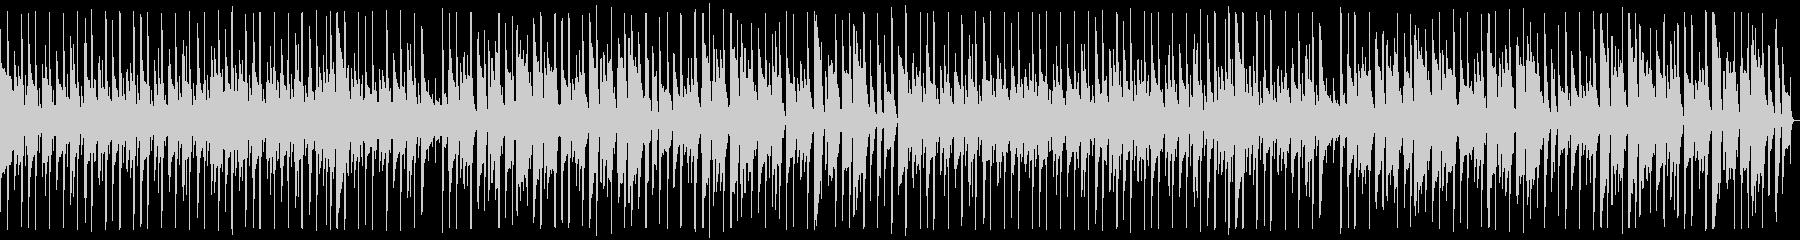 YouTube・ほのぼの・生演奏ギターの未再生の波形